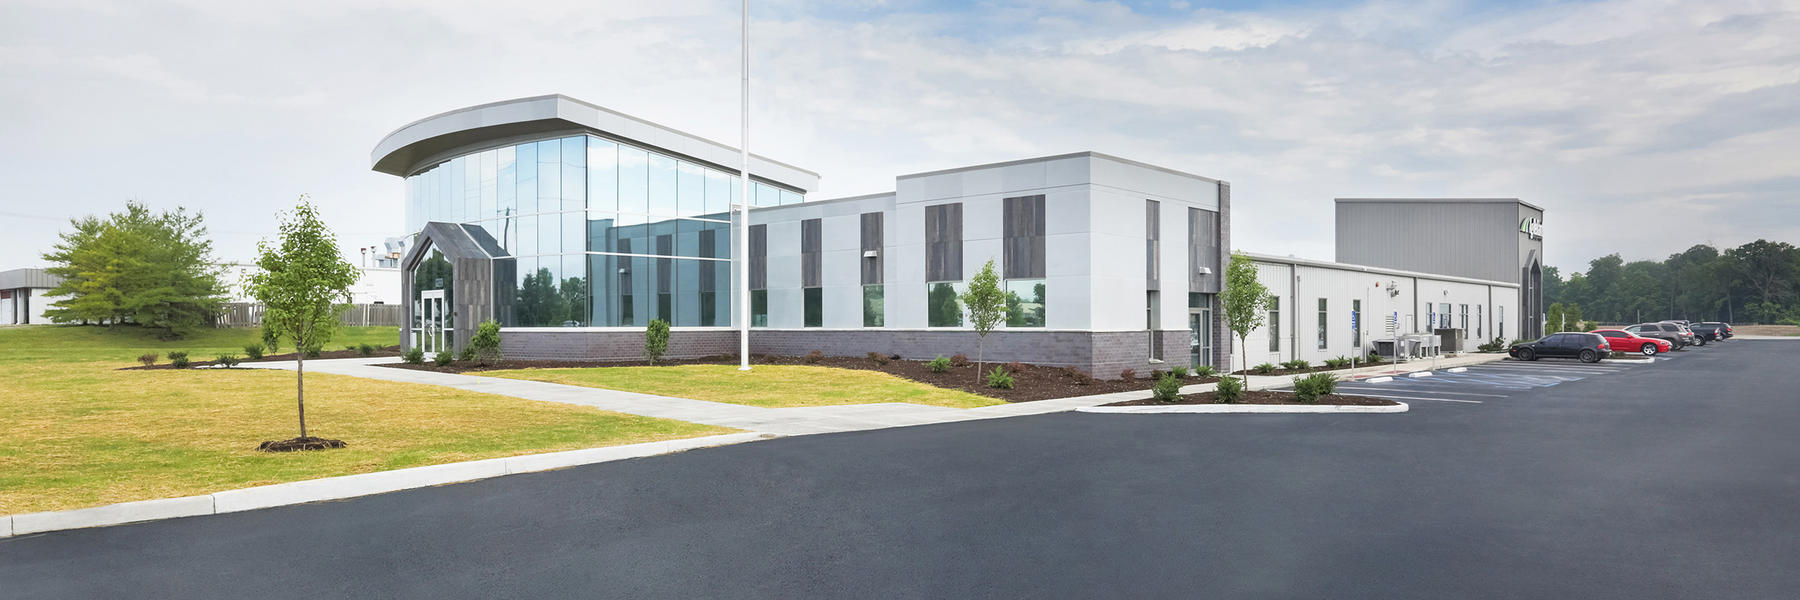 AgReliant Genetics Headquarters Renovation